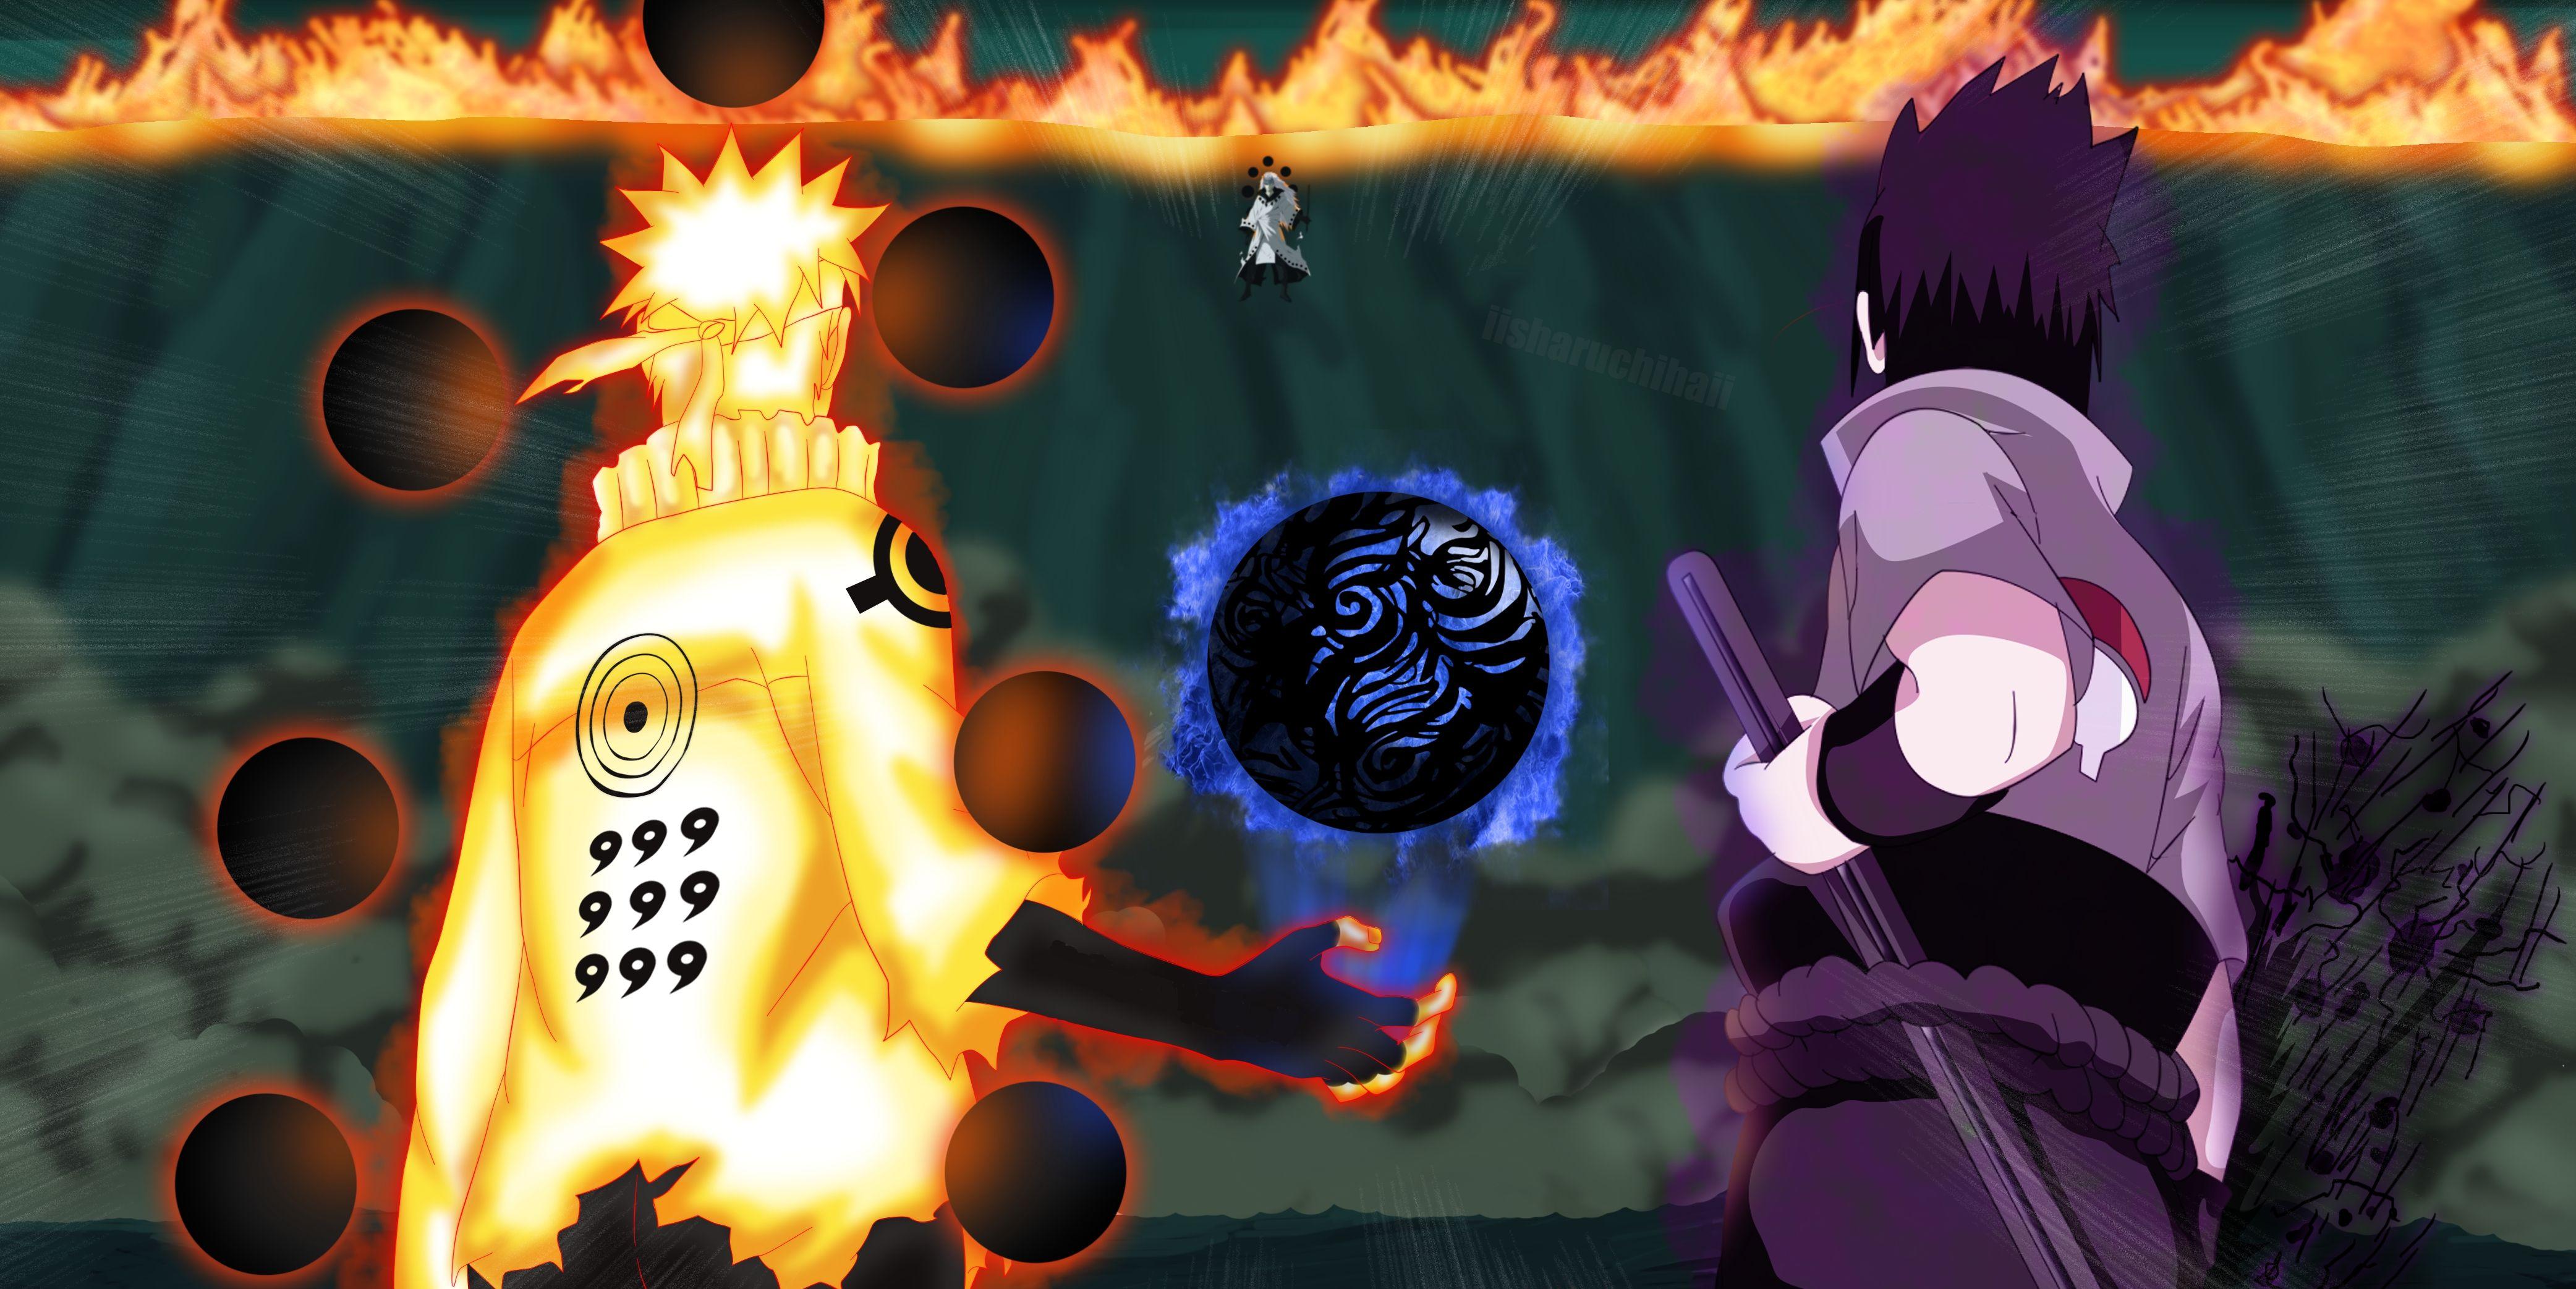 Kakashi Naruto Kakashi Naruto Sasuke Anime Naruto HD